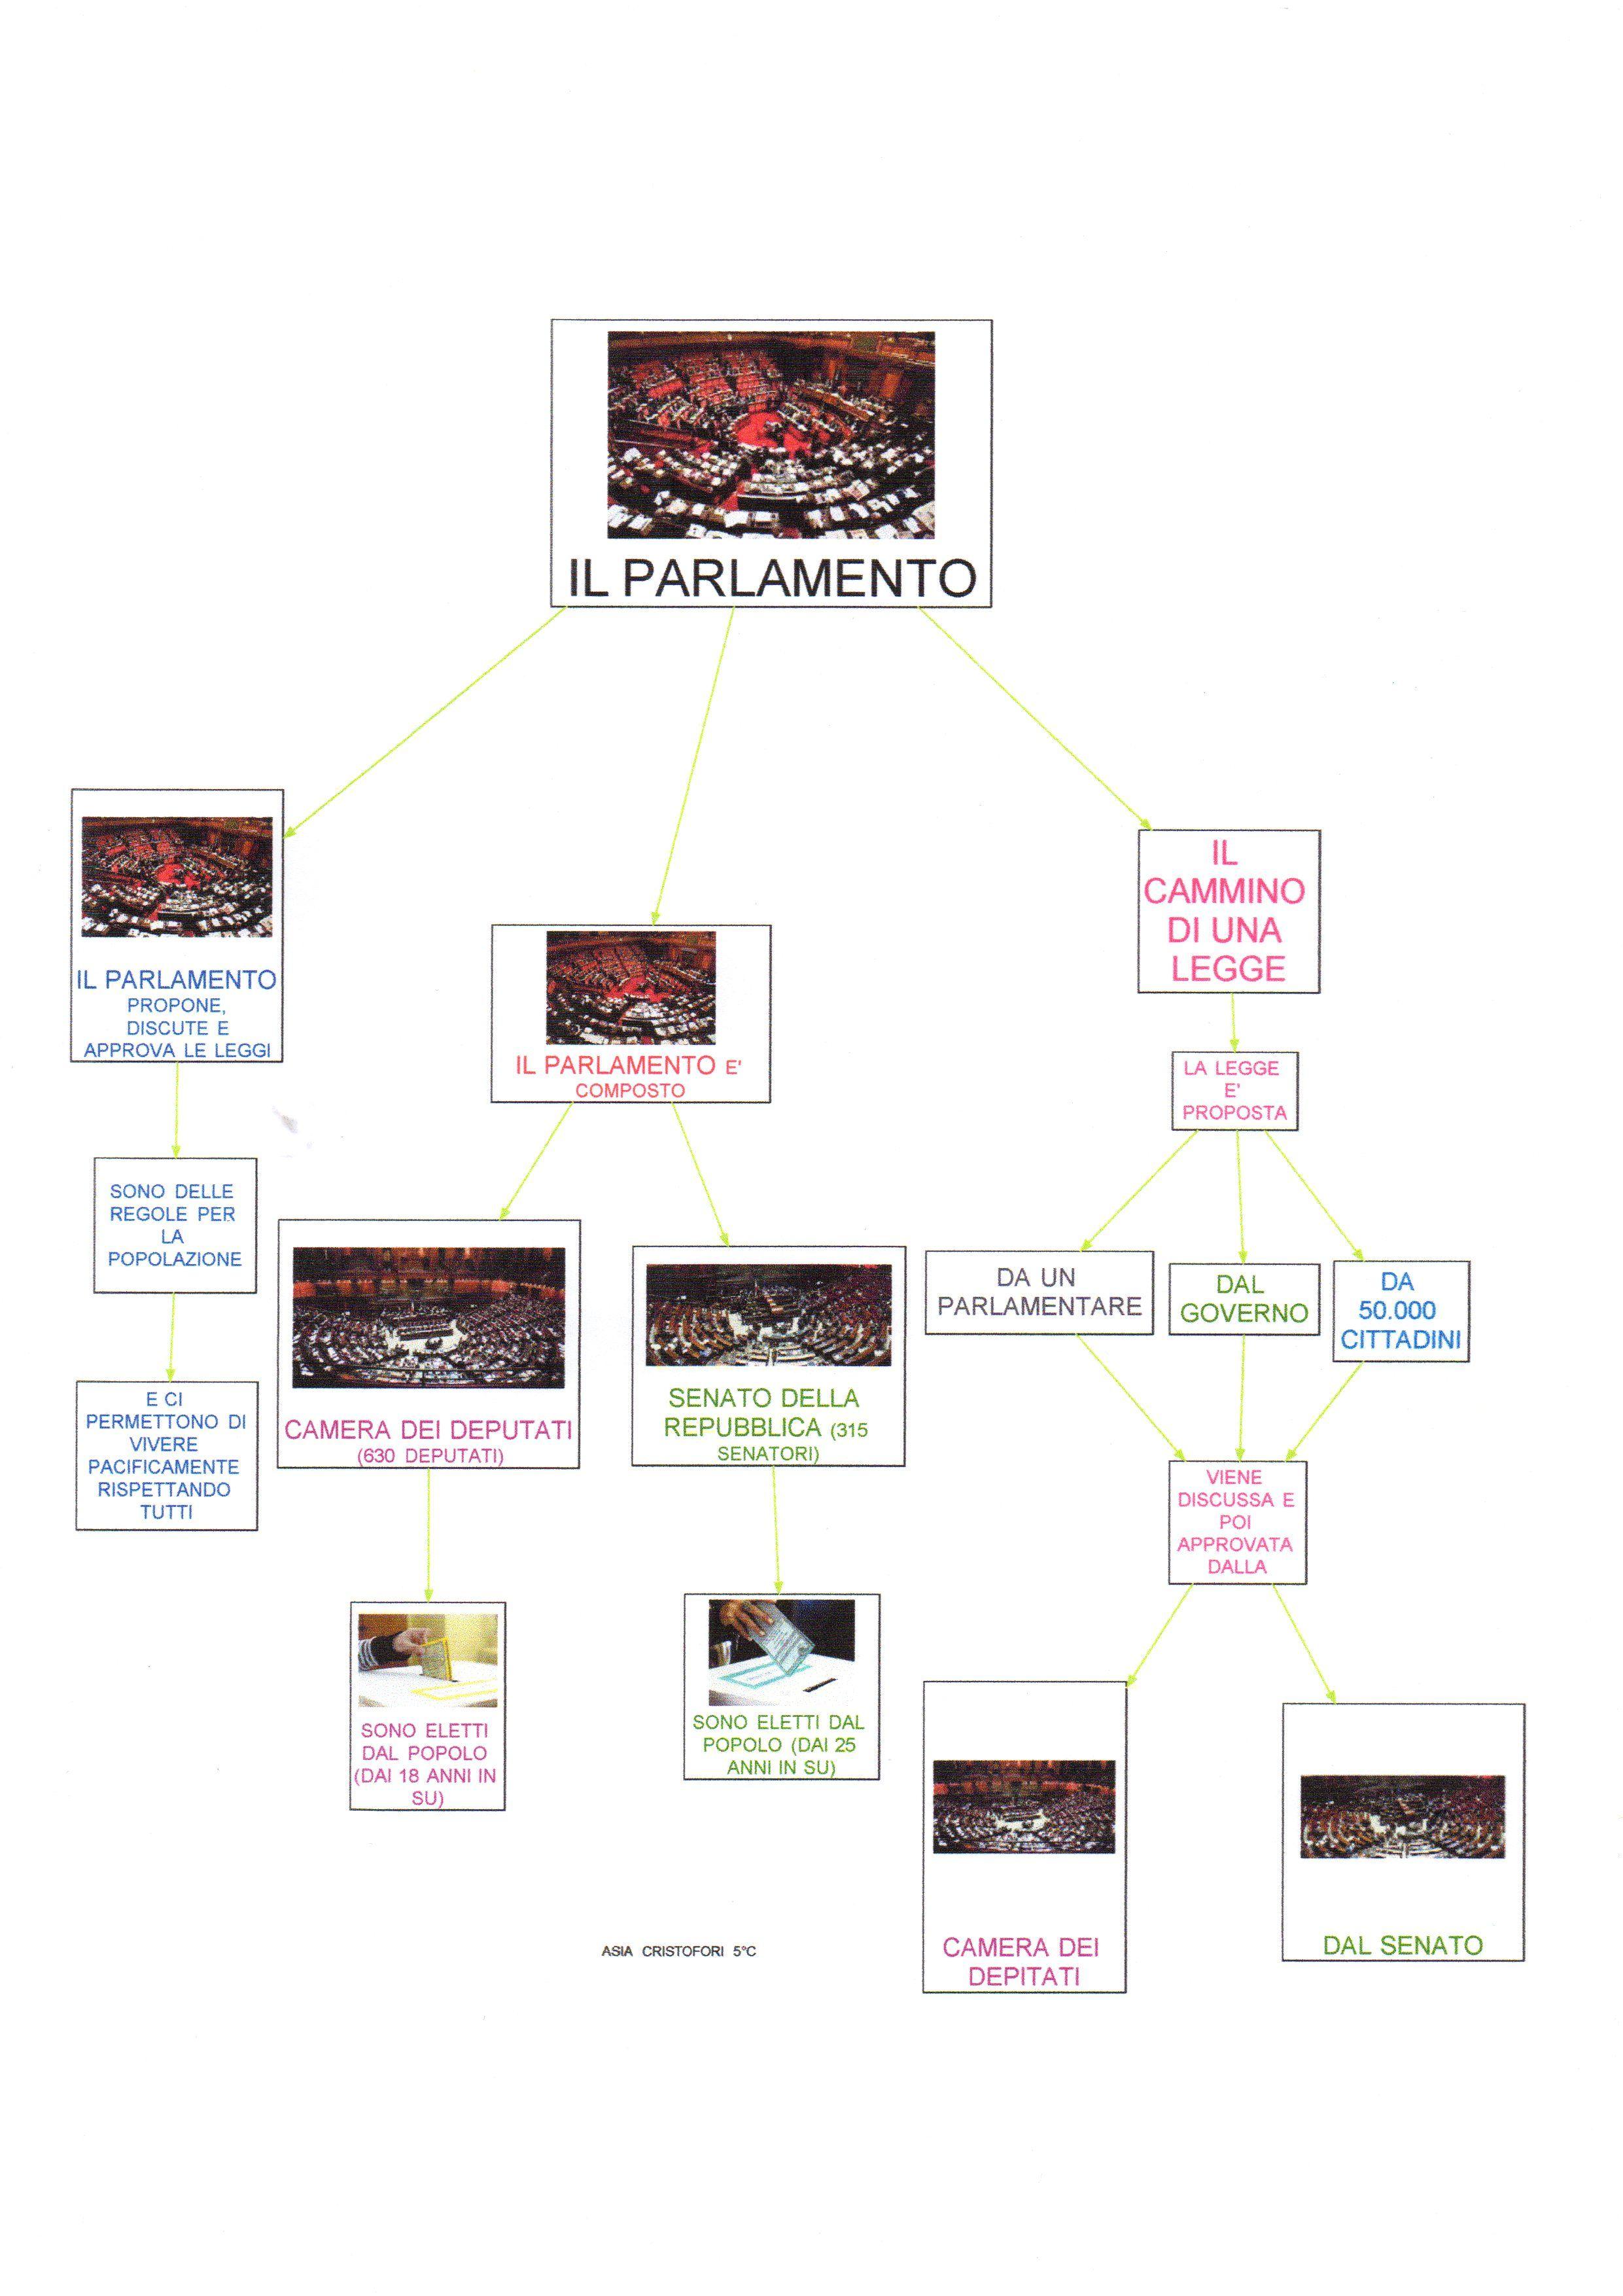 Mappa storia parlamento italiano istruzione scuola for Parlamento italiano schema